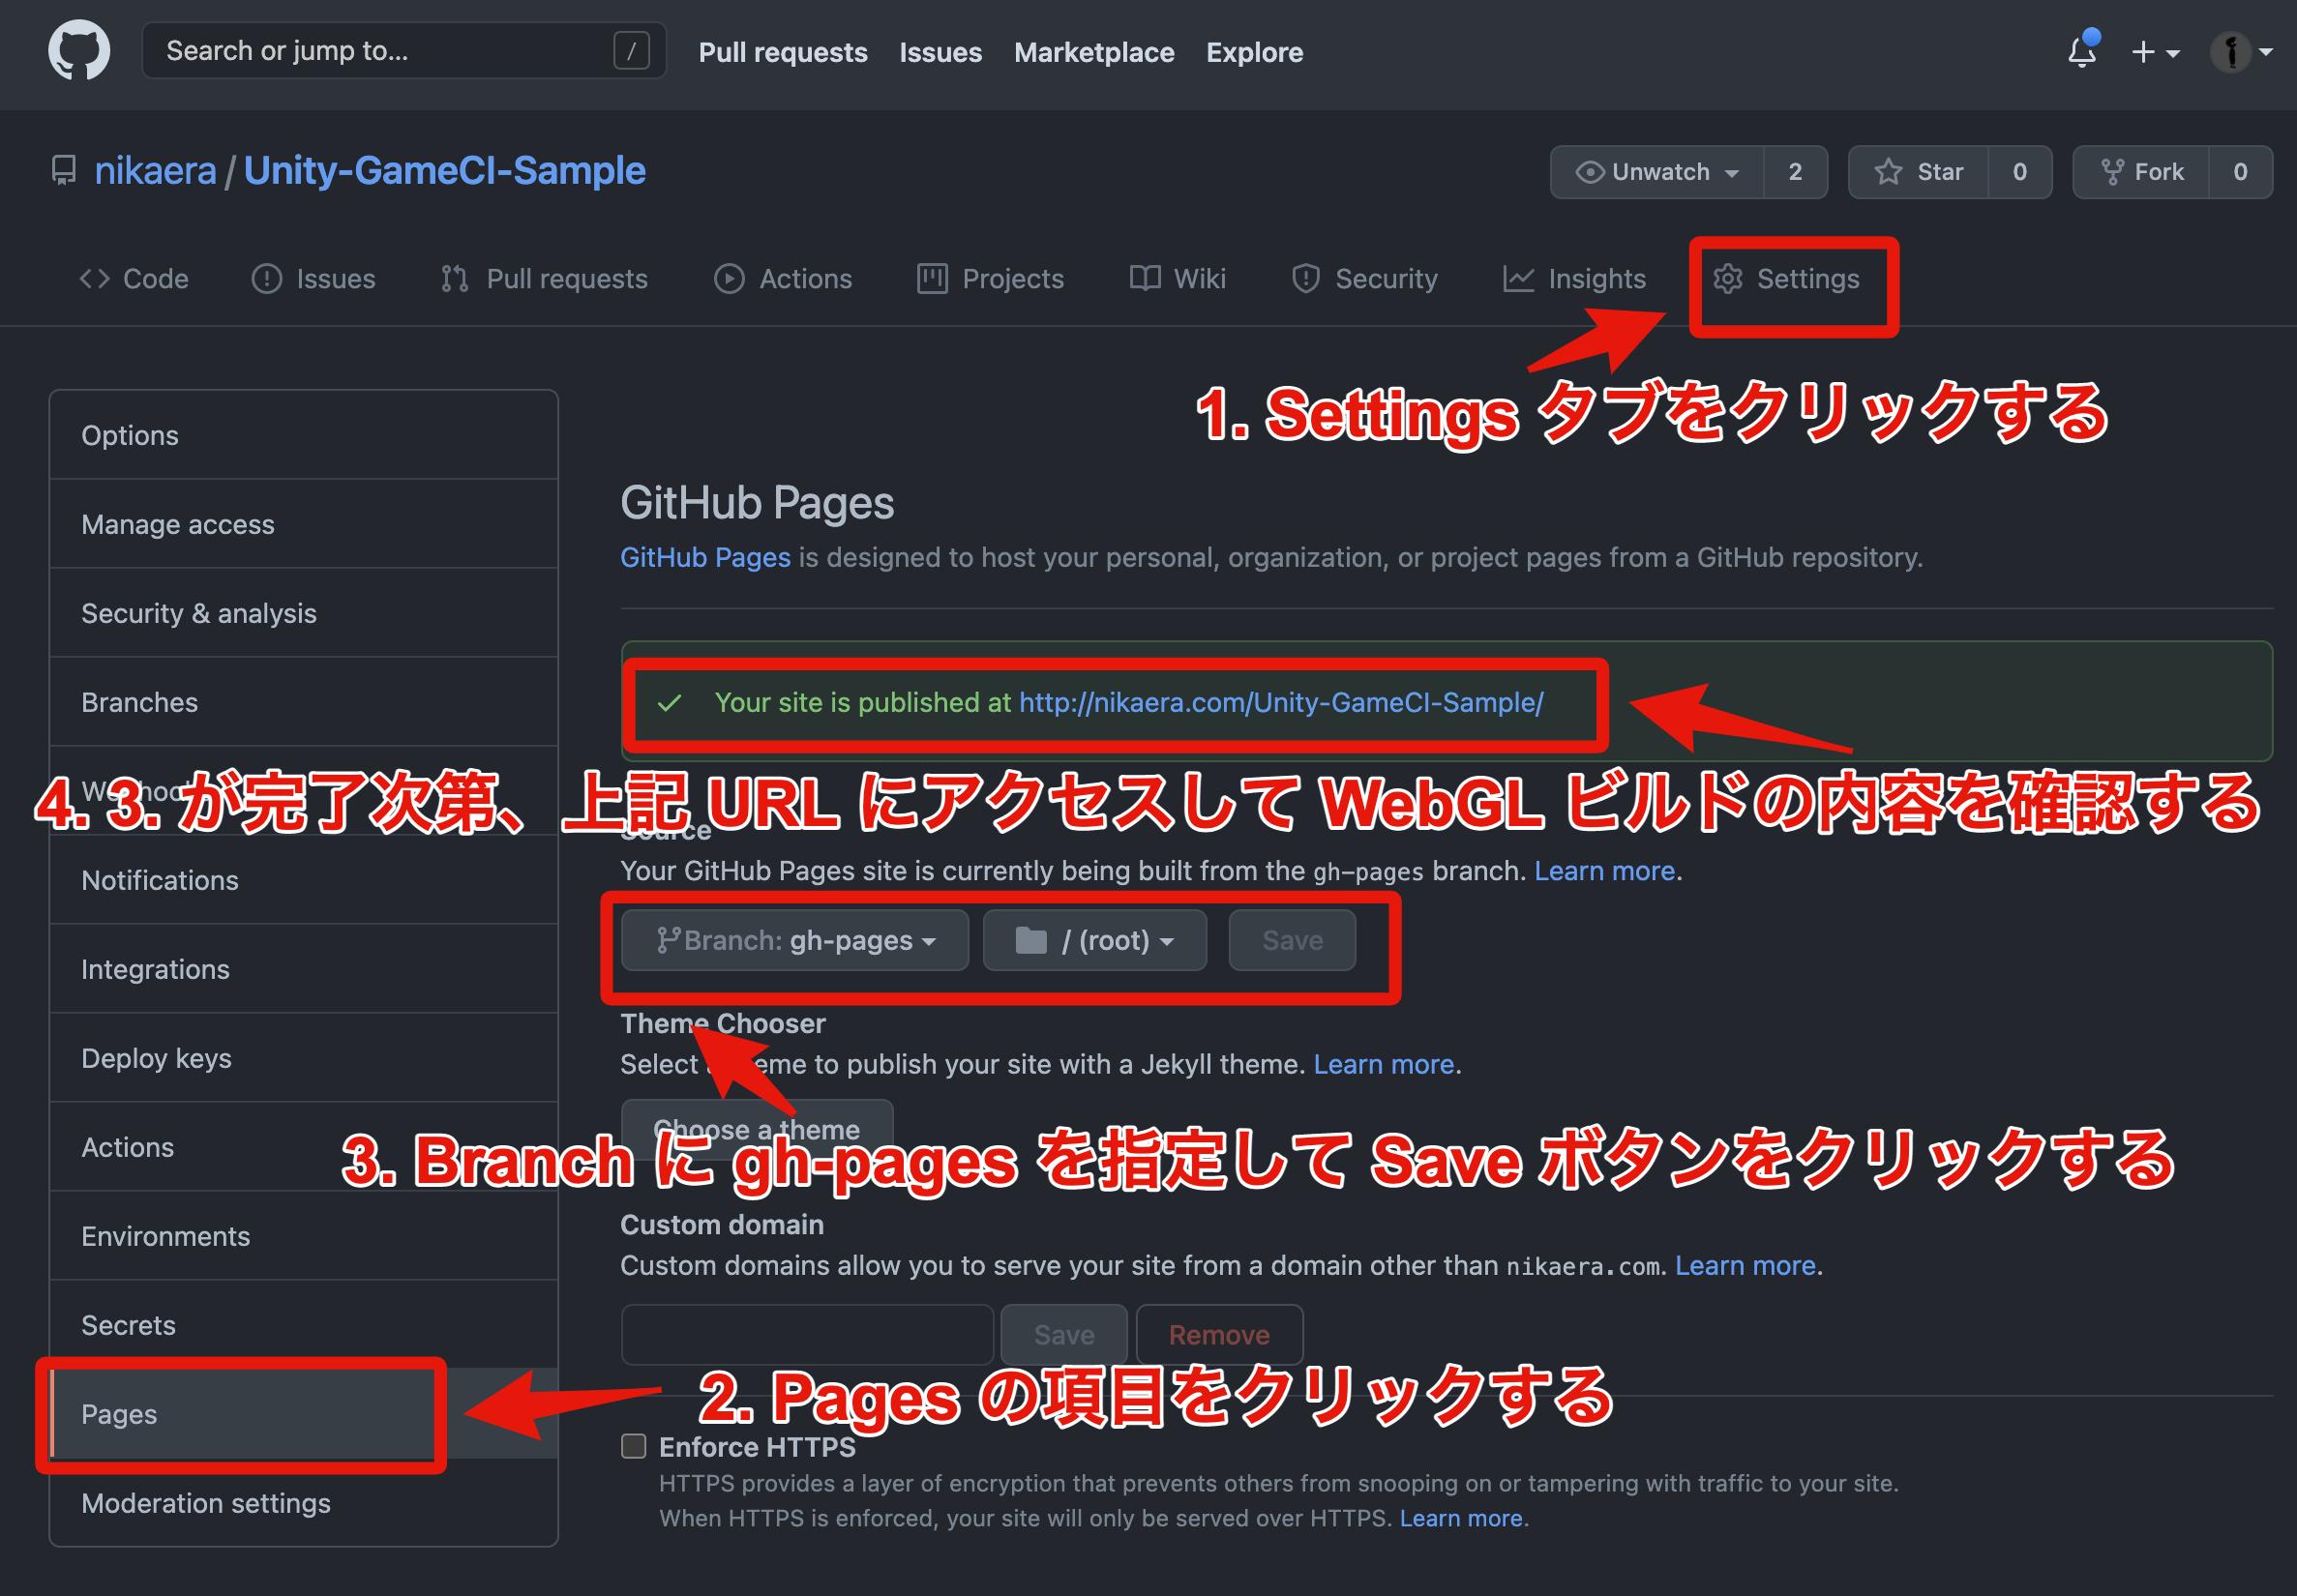 3. ビルド内容を確認するための GitHub Pages の設定を Settings から行う